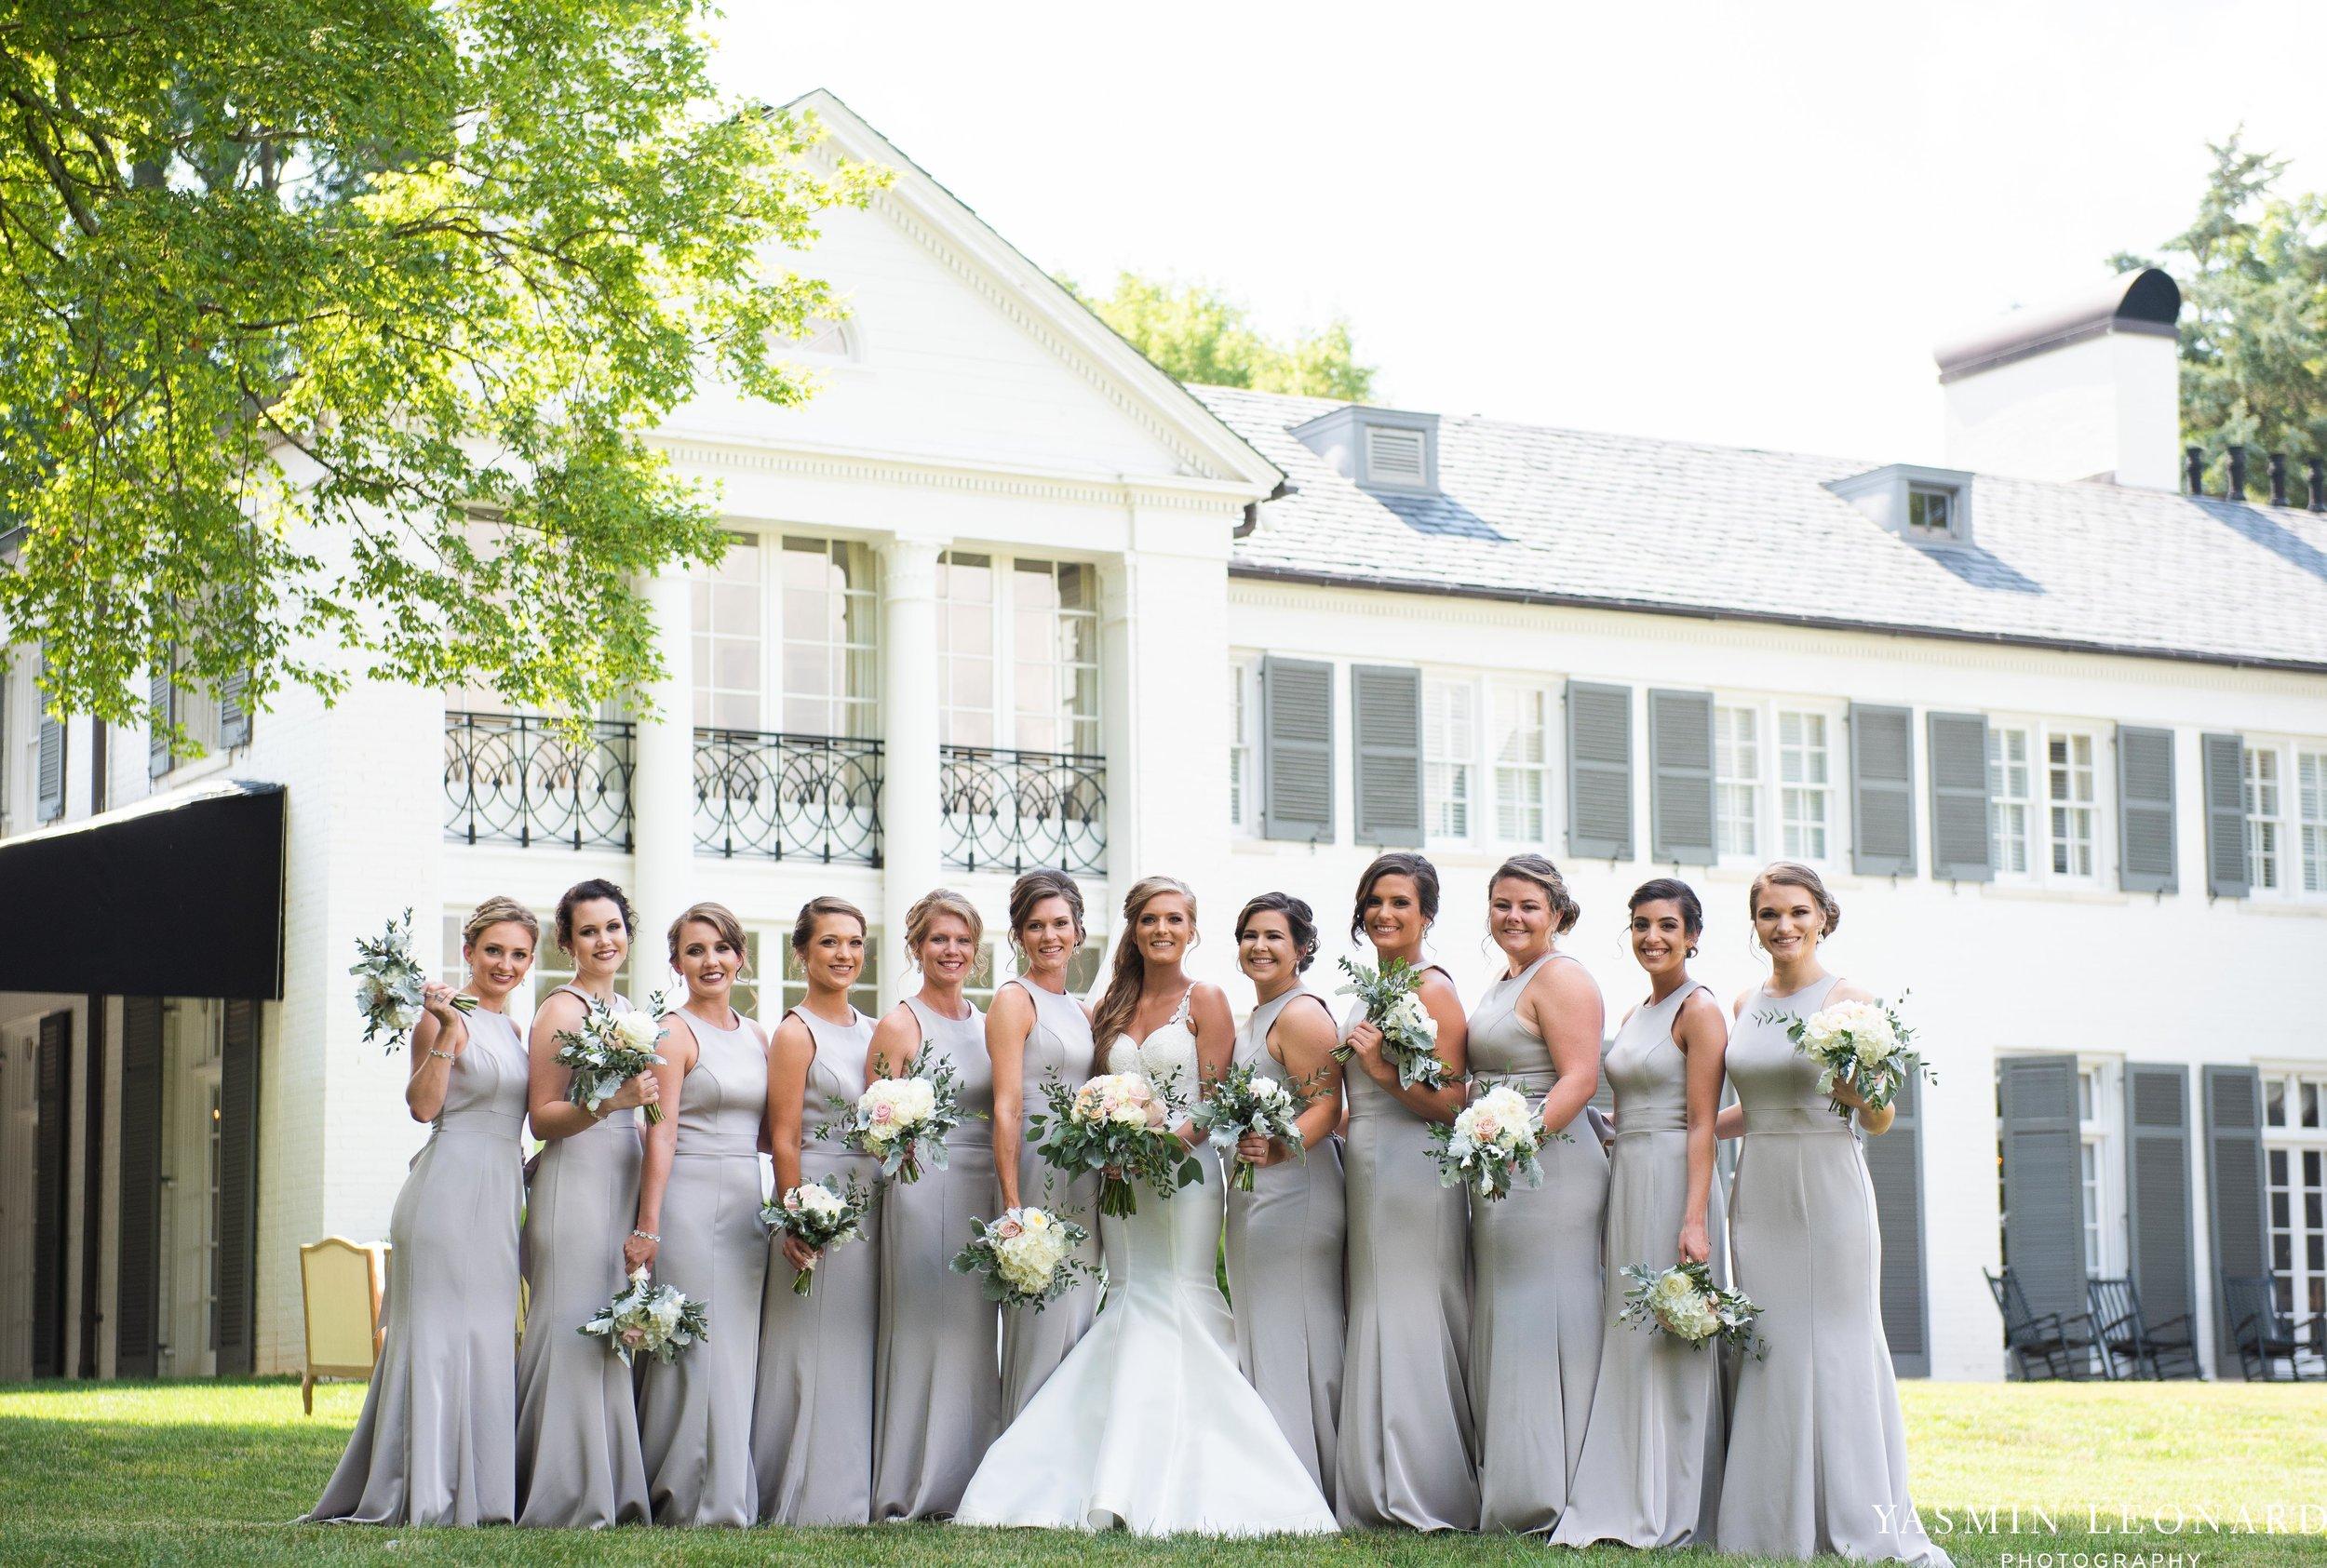 Boxwood Estate - Boxwood Estate Wedding - Luxury Wedding - Black and White Wedding - NC Wedding Venues - NC Weddings - NC Photographer - Lantern Release Grand Exit - Large Wedding Party - Yasmin Leonard Photography-18.jpg